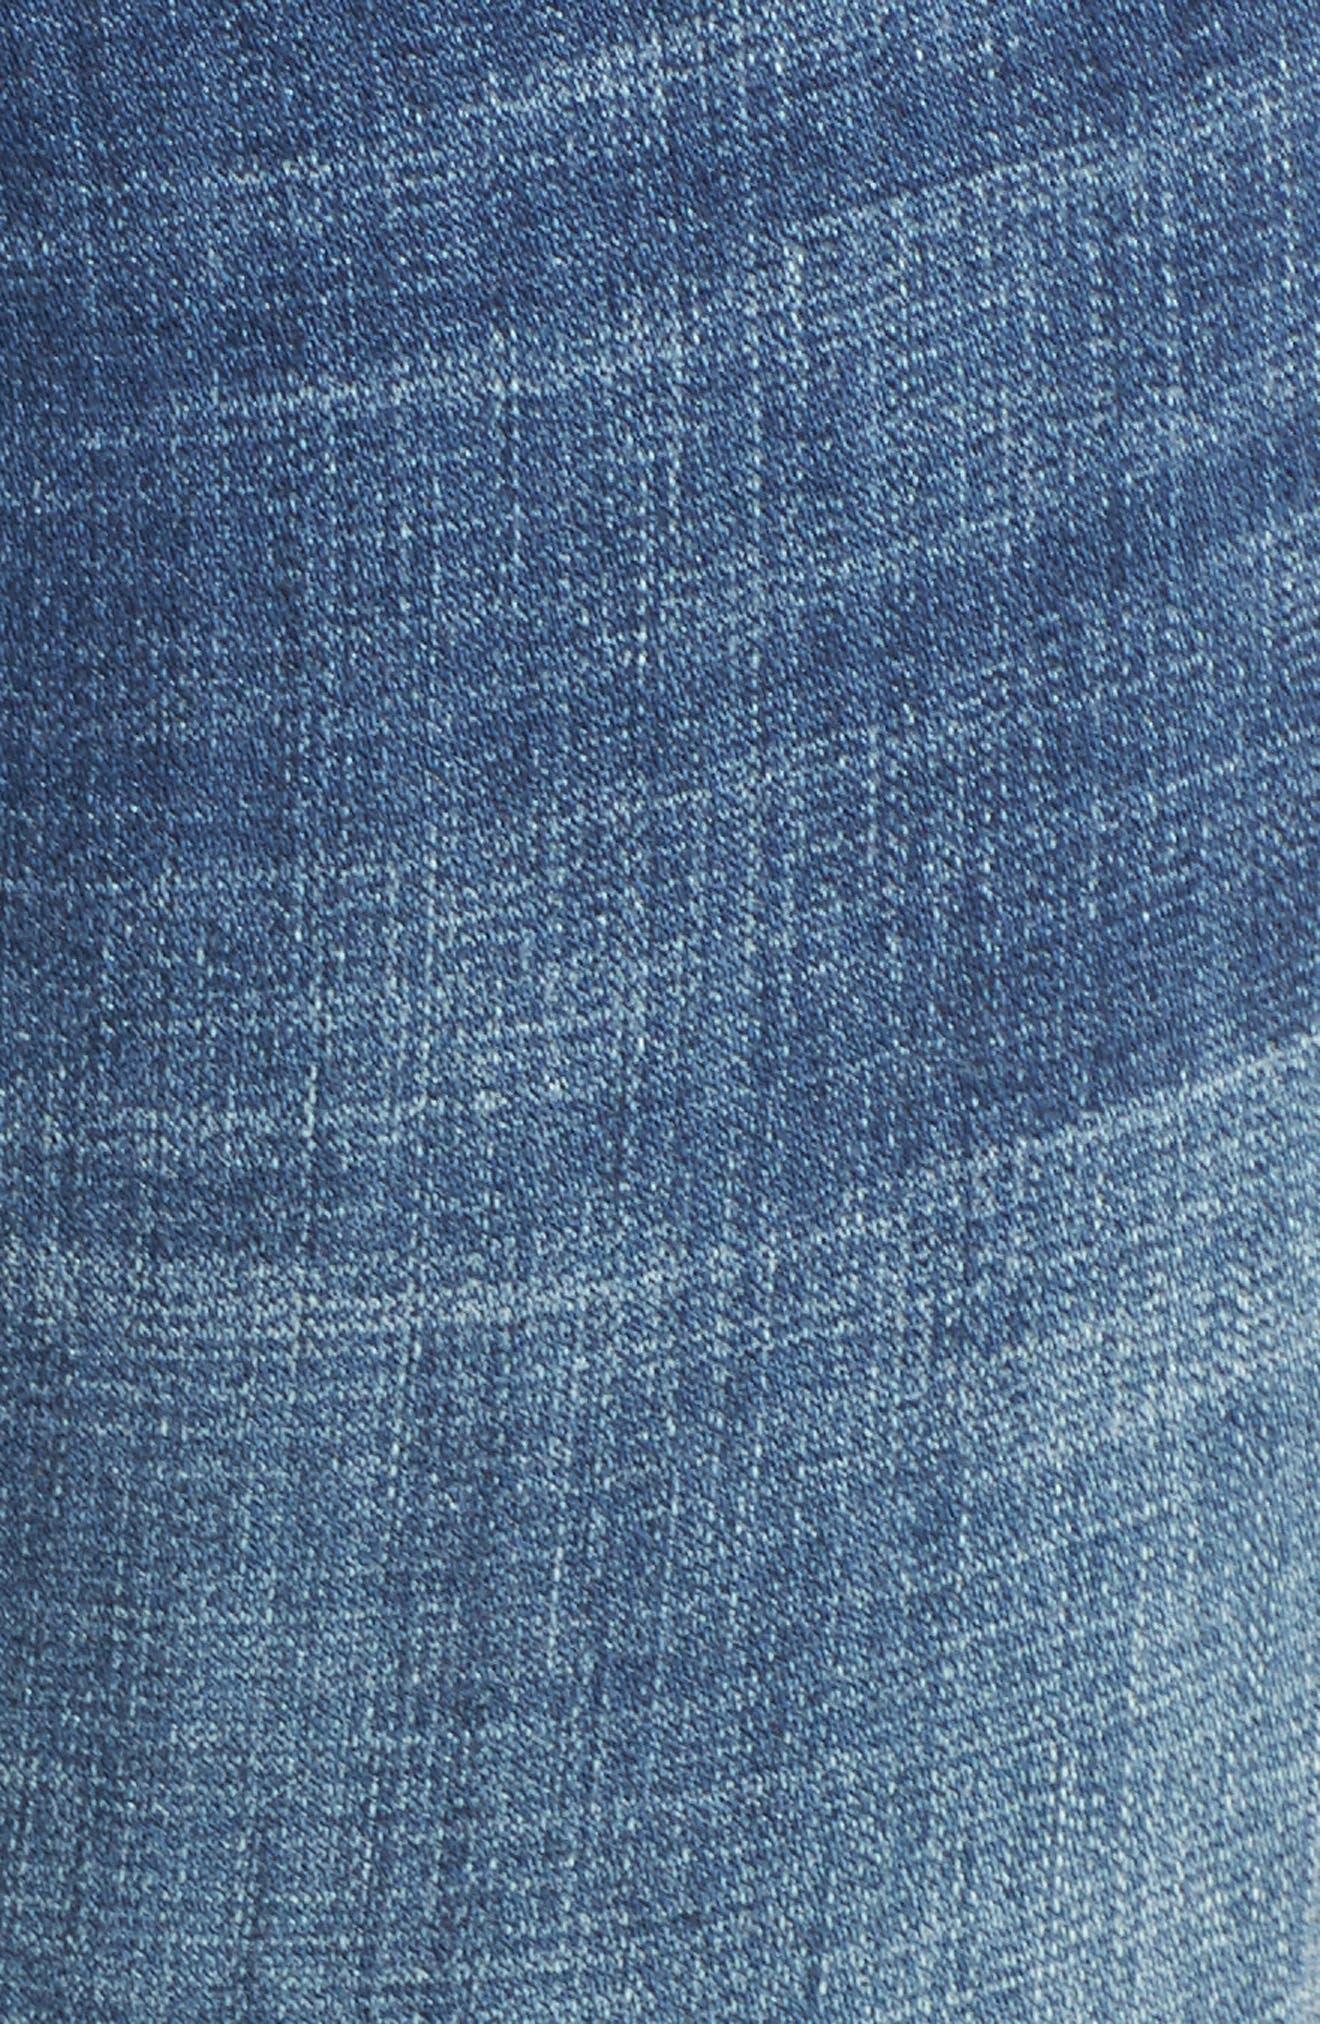 Lauren Crop Jeans,                             Alternate thumbnail 5, color,                             Entrusted